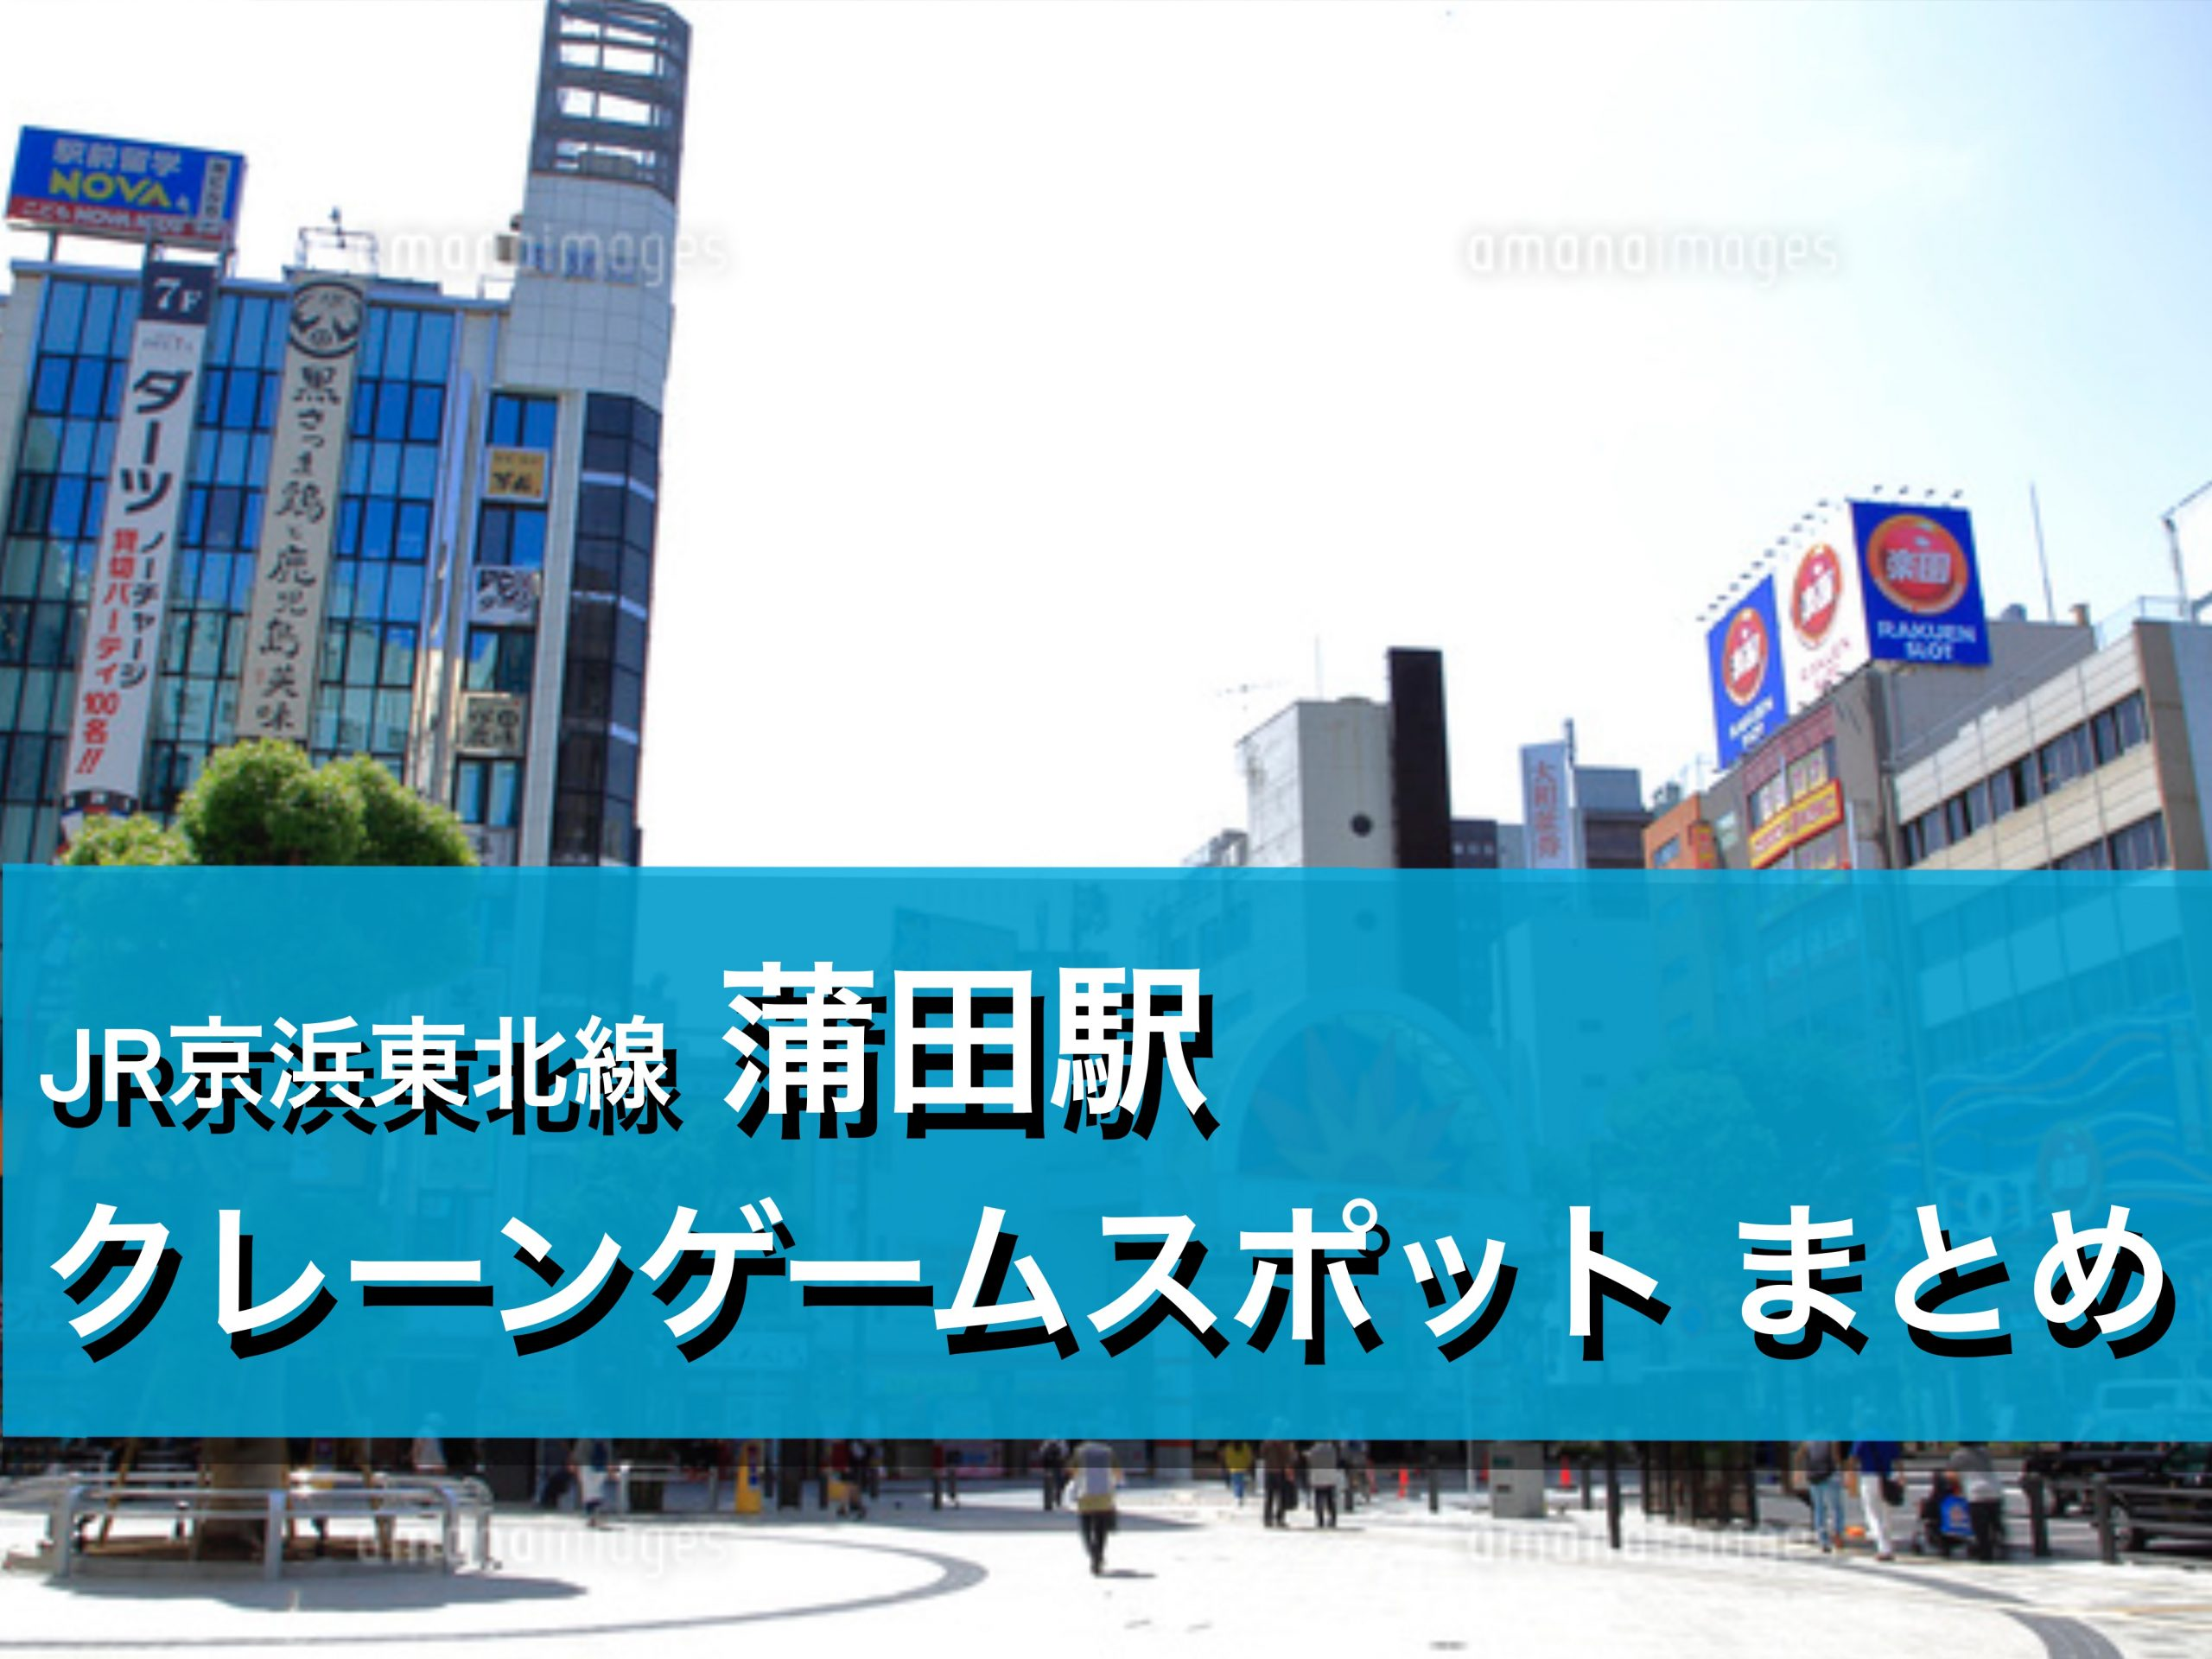 【蒲田駅】クレーンゲームができる場所